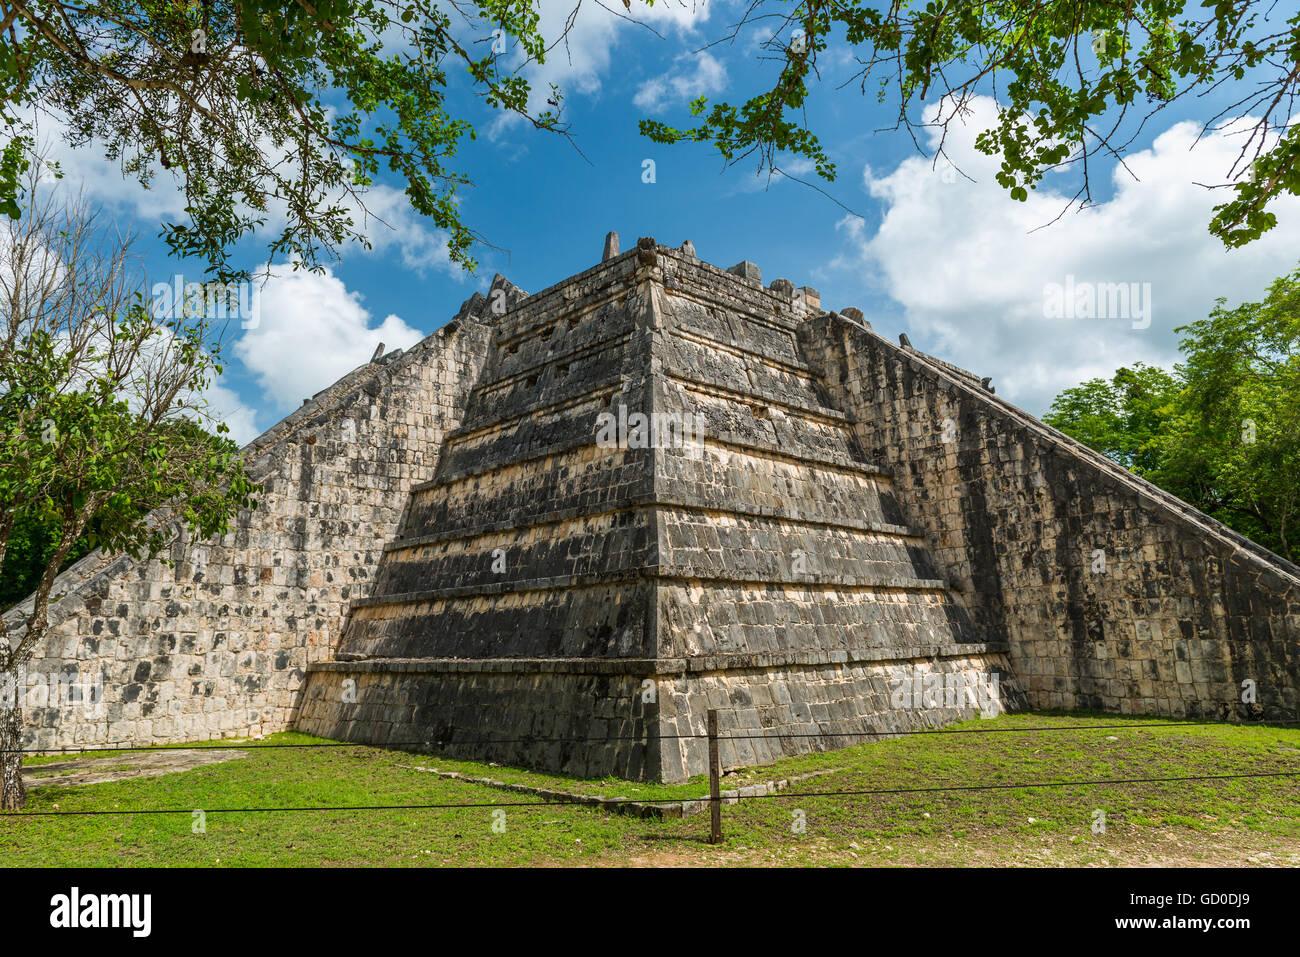 Die alten Pyramiden Maya in Chichen Itza, Mexiko. Stockbild